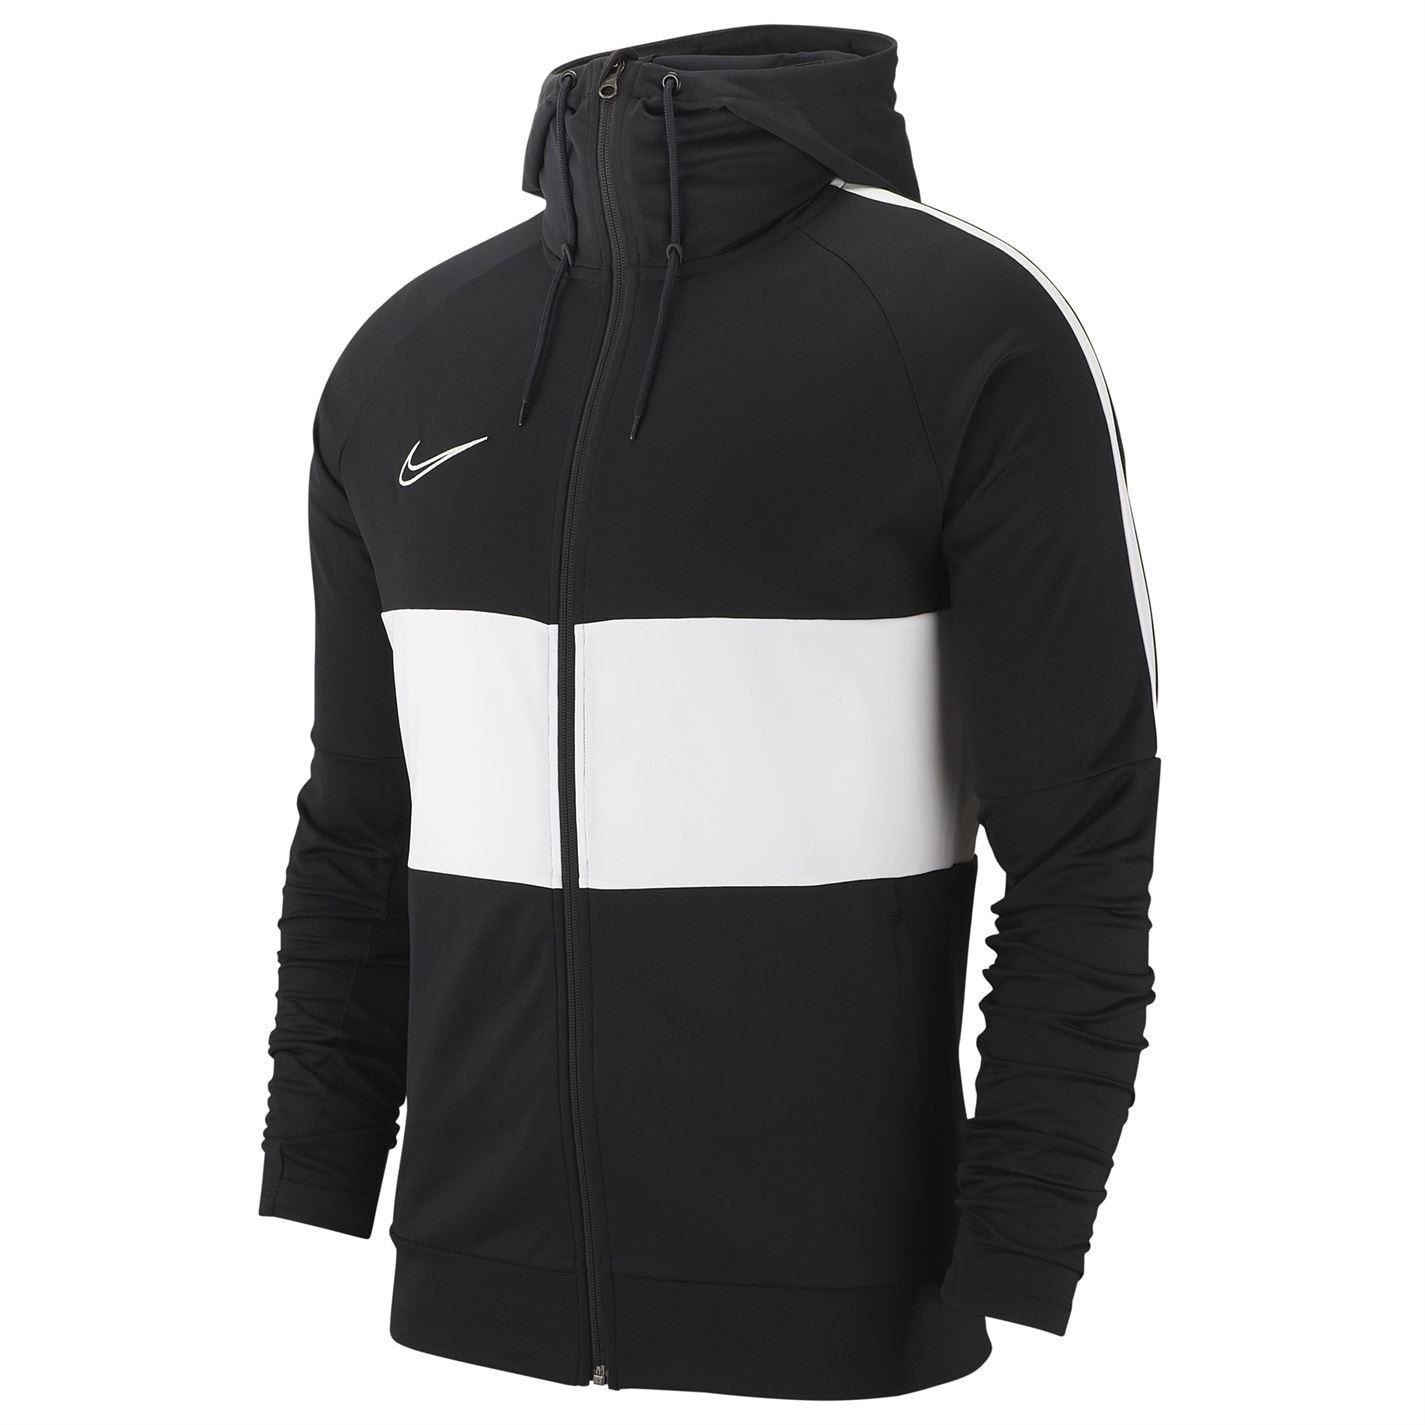 Détails sur Nike Academy Sweat Capuche Zip Intégral Hommes NoirBlanc Veste Pull